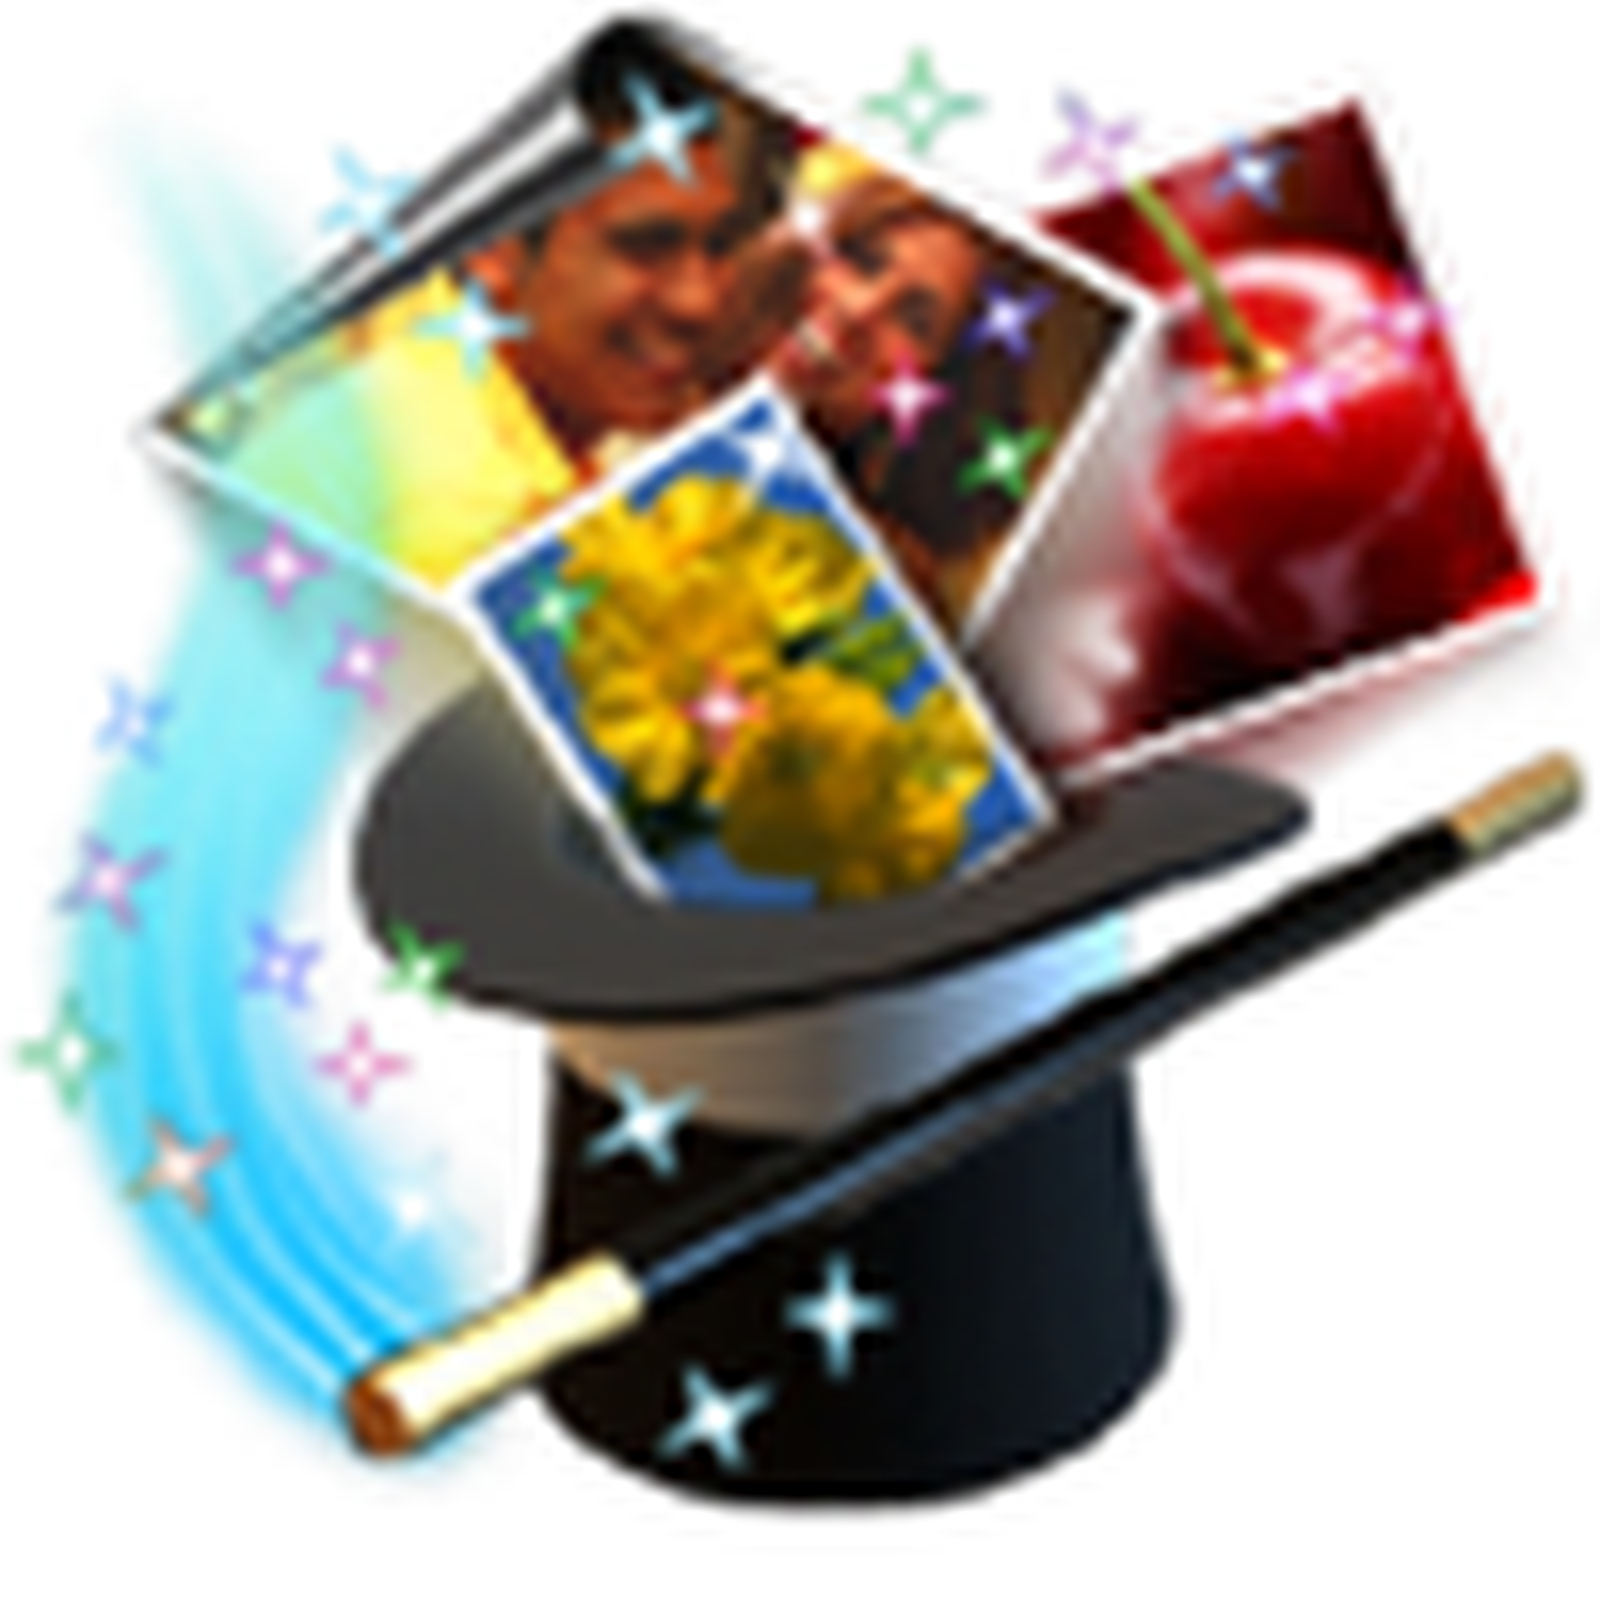 BenVista PhotoMagic 1.3